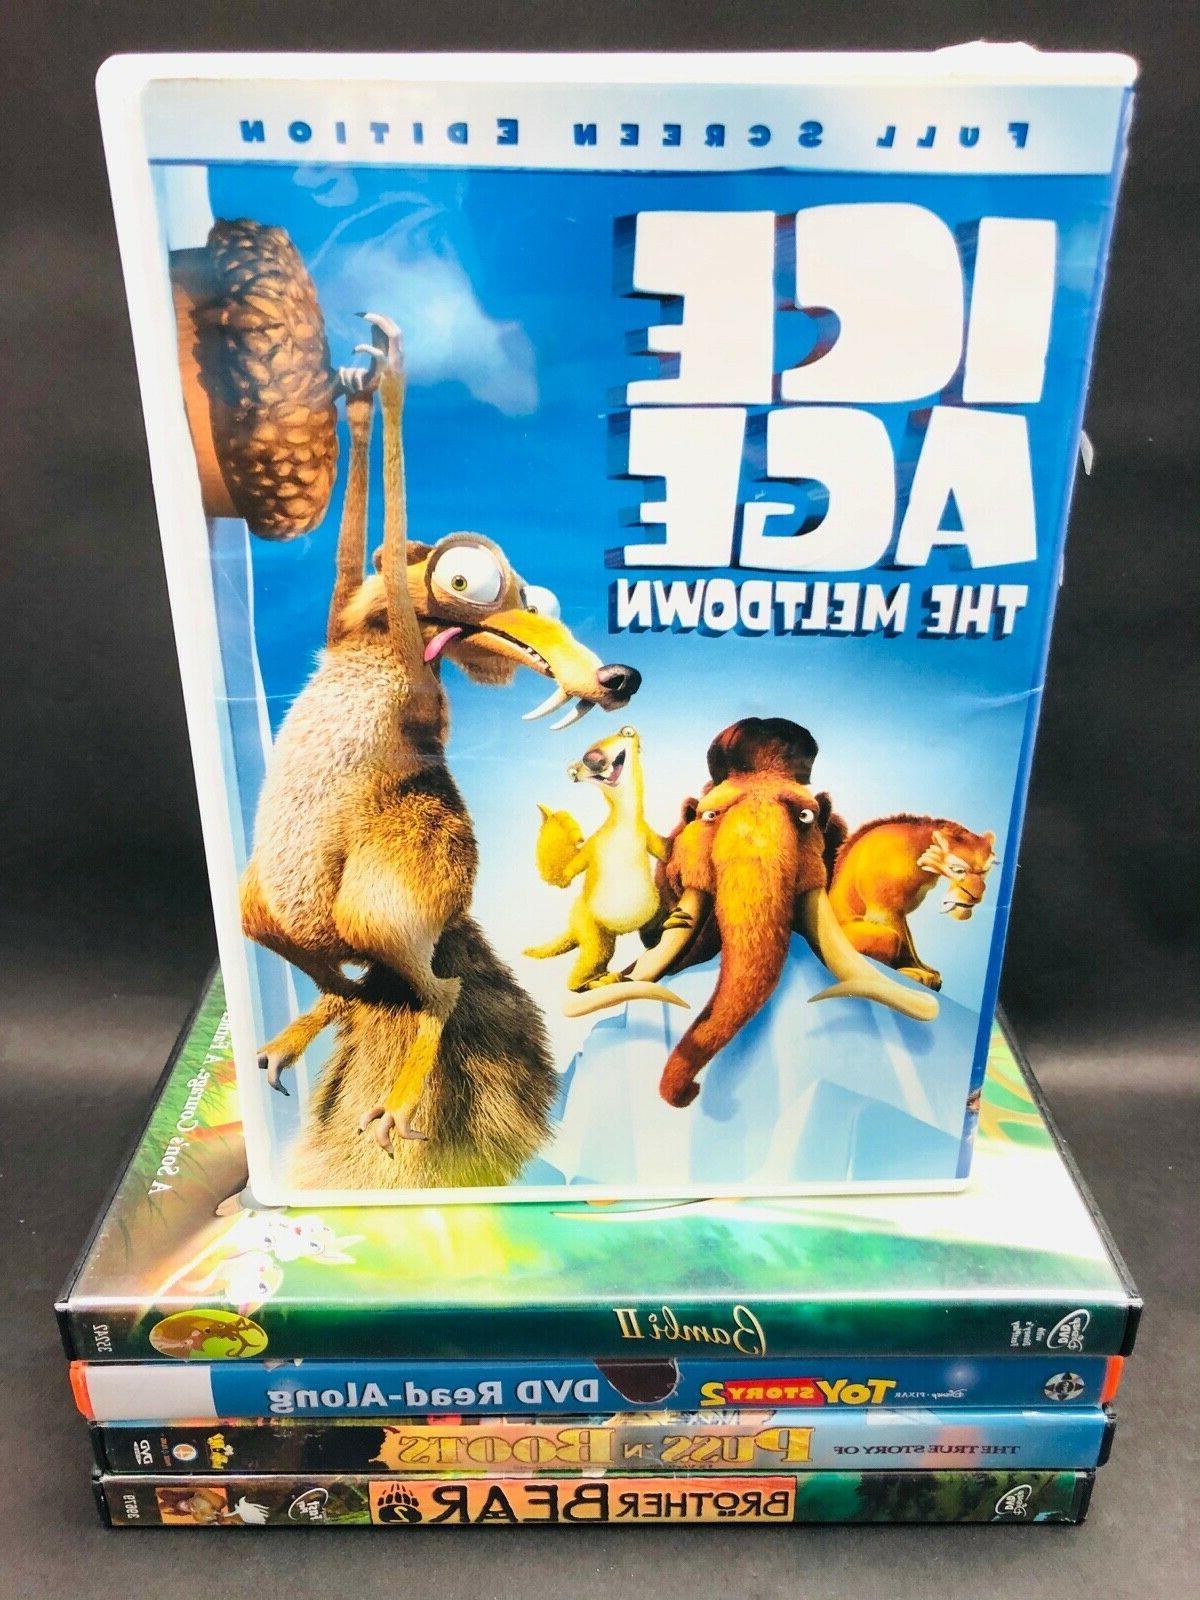 5 pixar bambi 2 brother bear toy